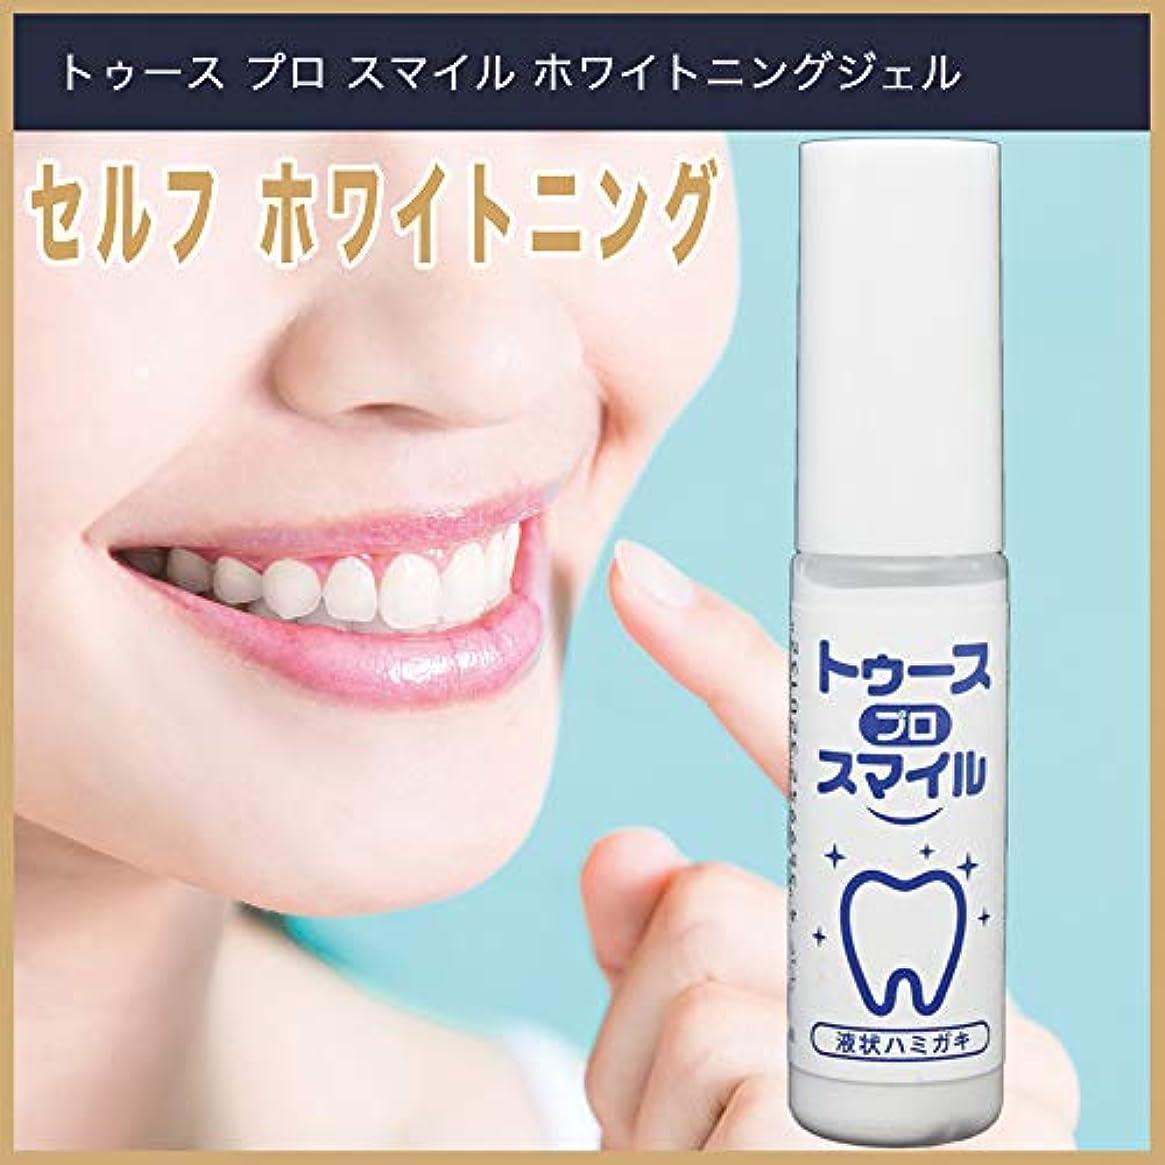 実現可能回転させる最終的に【日本製】ホワイトニング ジェル「トゥース プロ スマイル」15ml / LEDホワイトニング機器用 口腔化粧品/歯 セルフホワイトニング